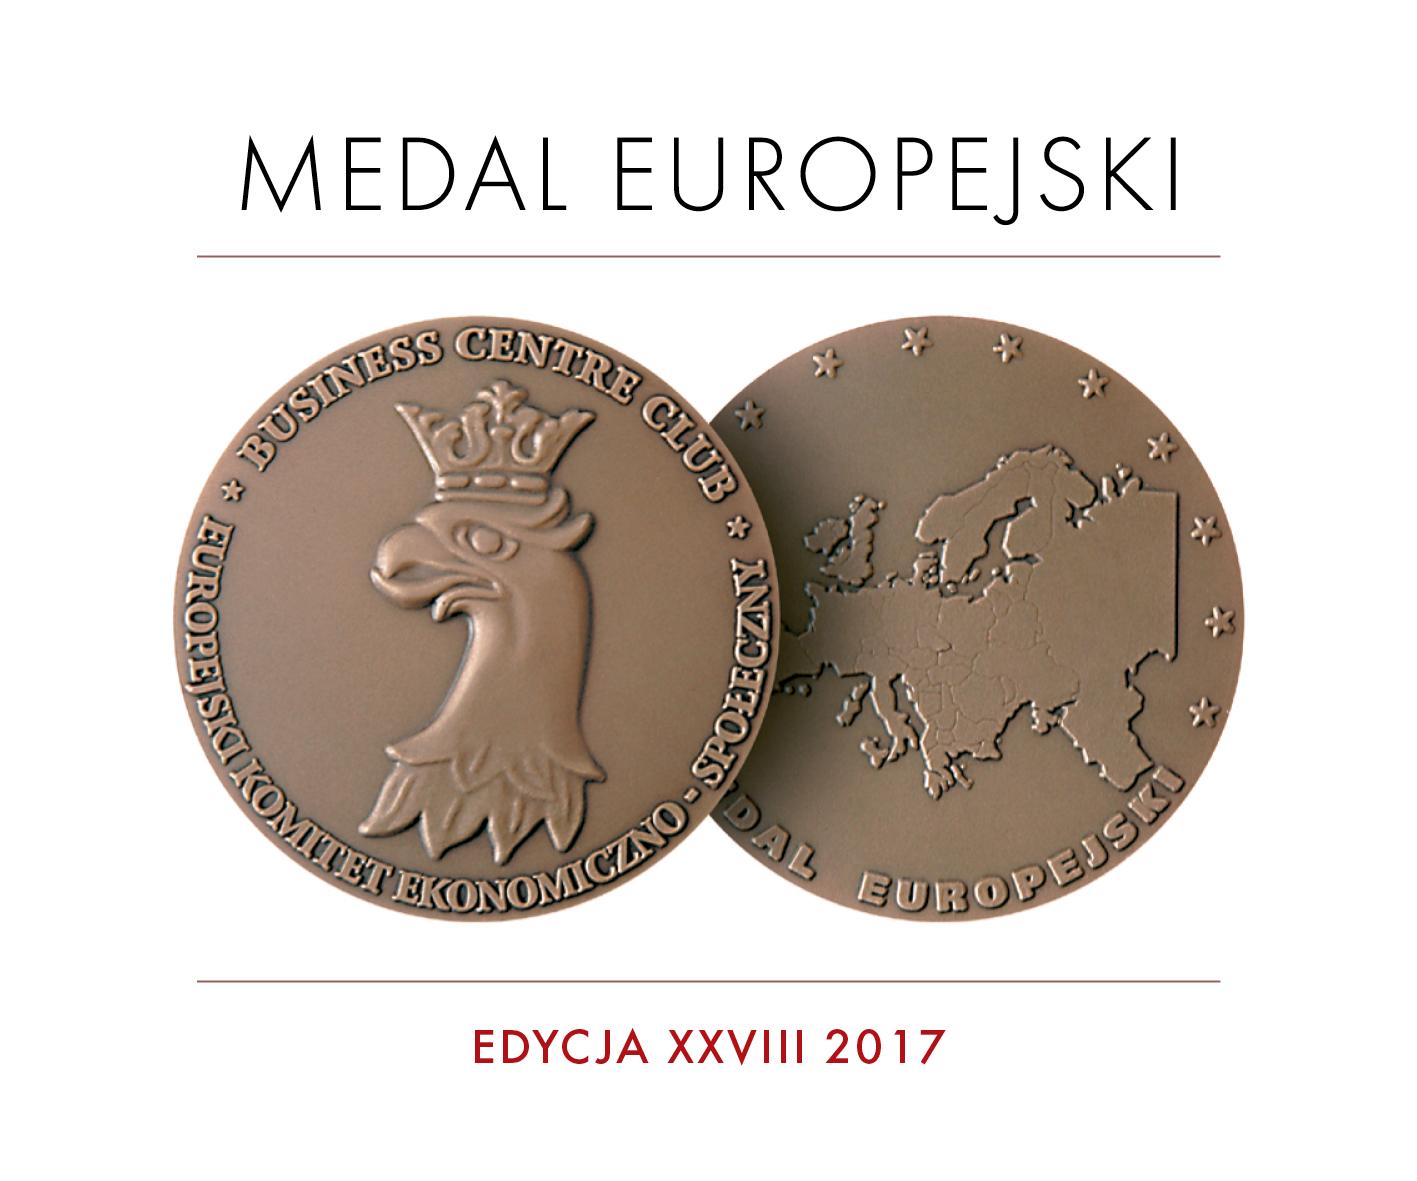 07.06.2017 MEDAL EUROPEJSKI dla solvadis polska sp. z o.o.